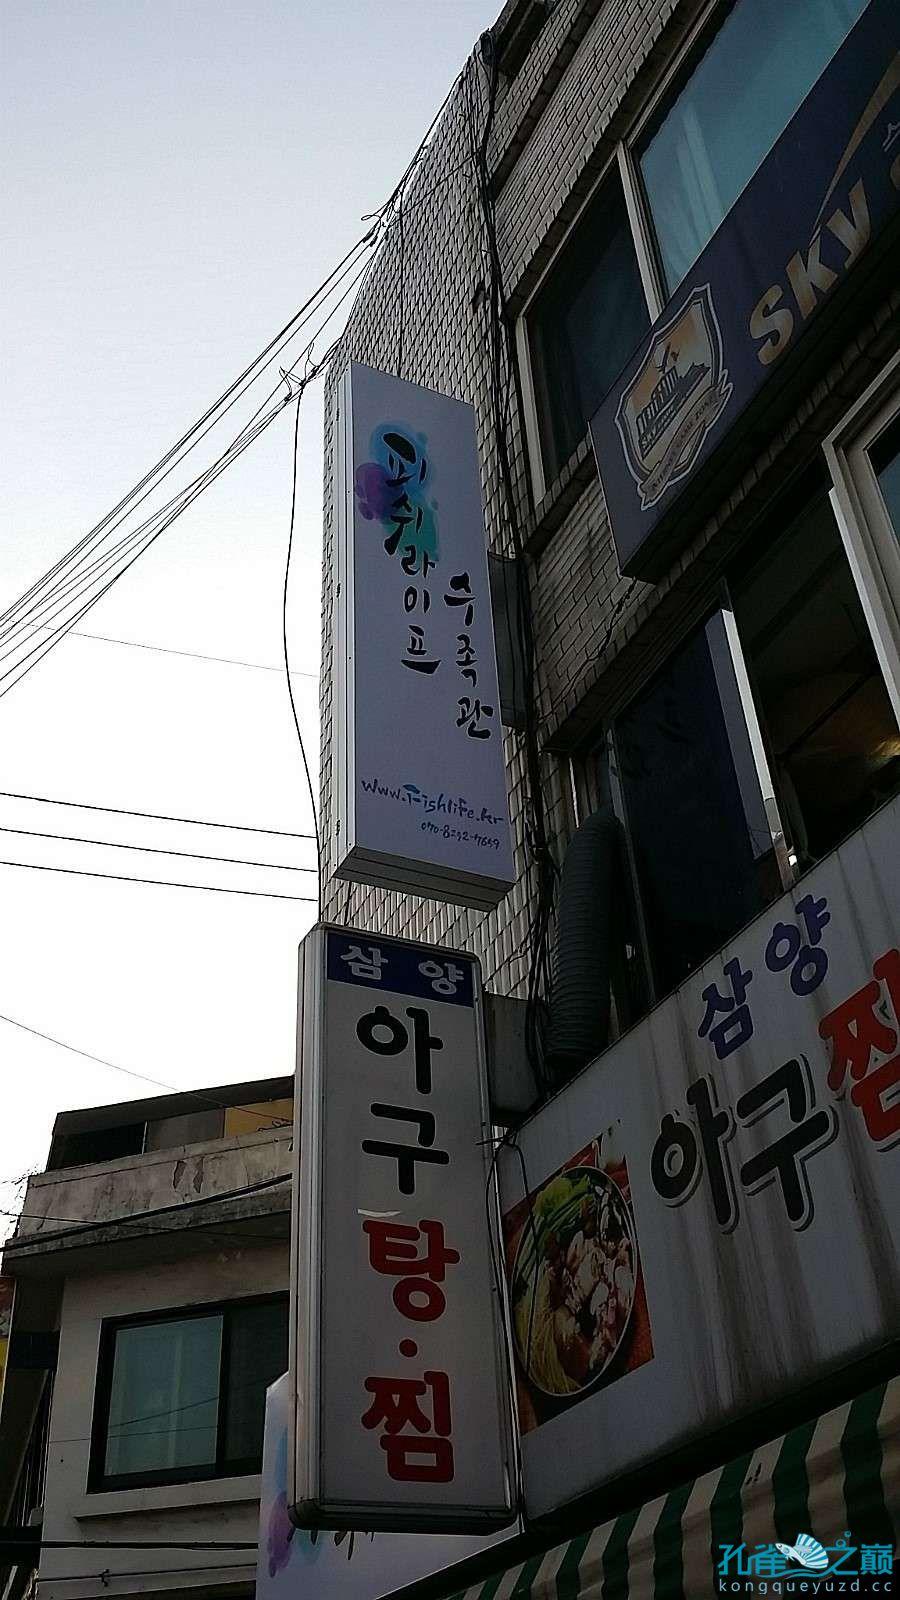 考察韩国首尔东巴比伦水族馆 沈阳水族批发市场 沈阳龙鱼第1张